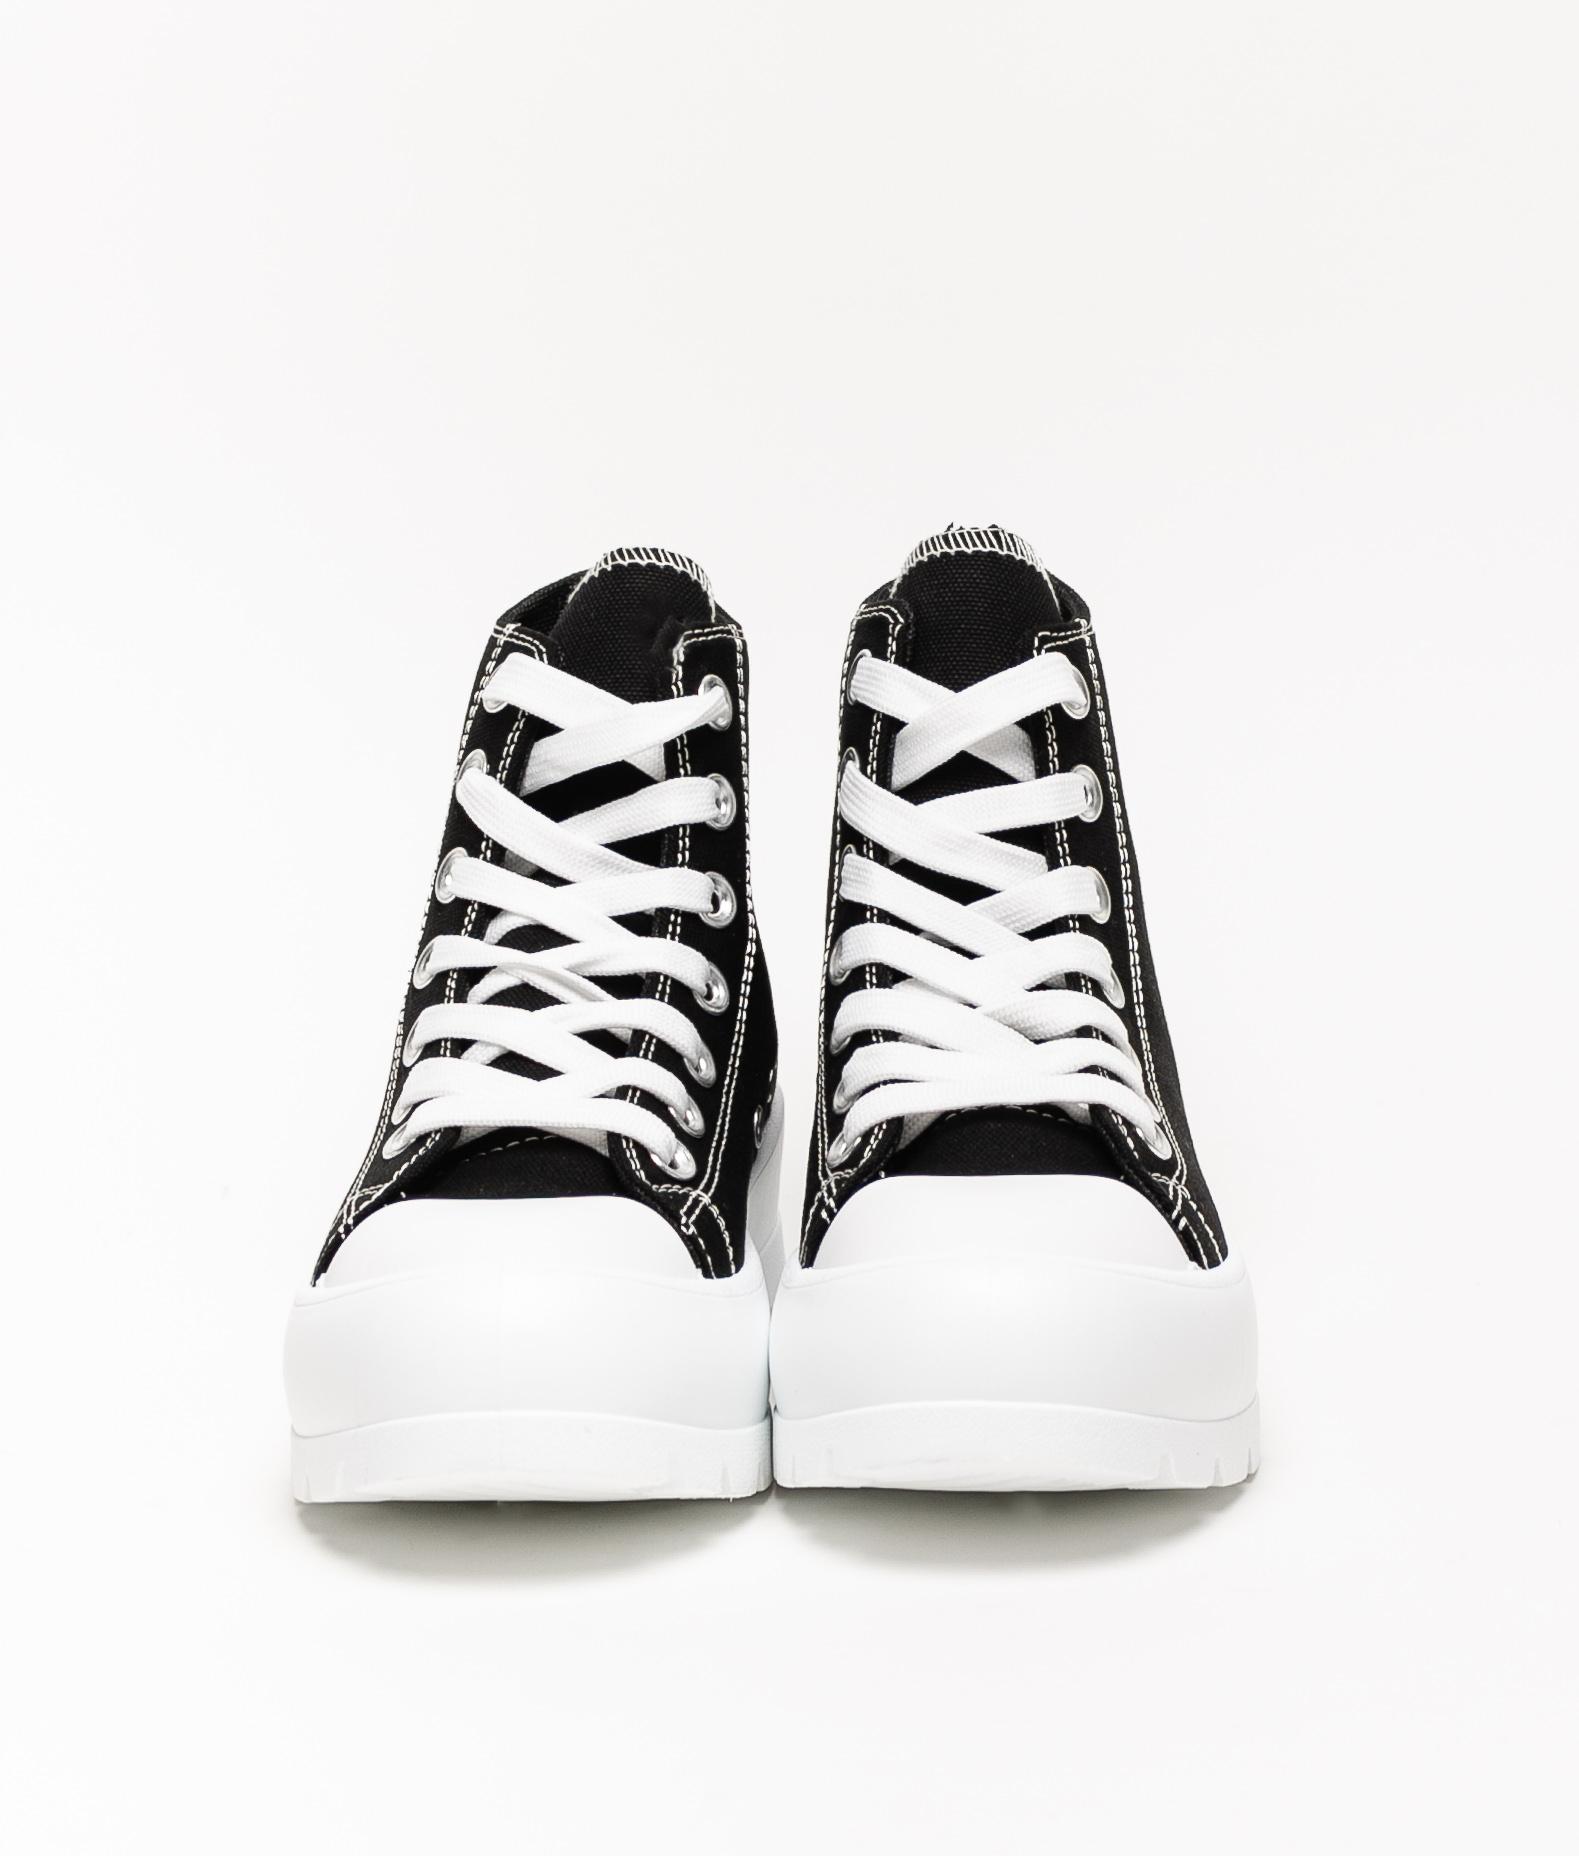 Sneakers Former - Black